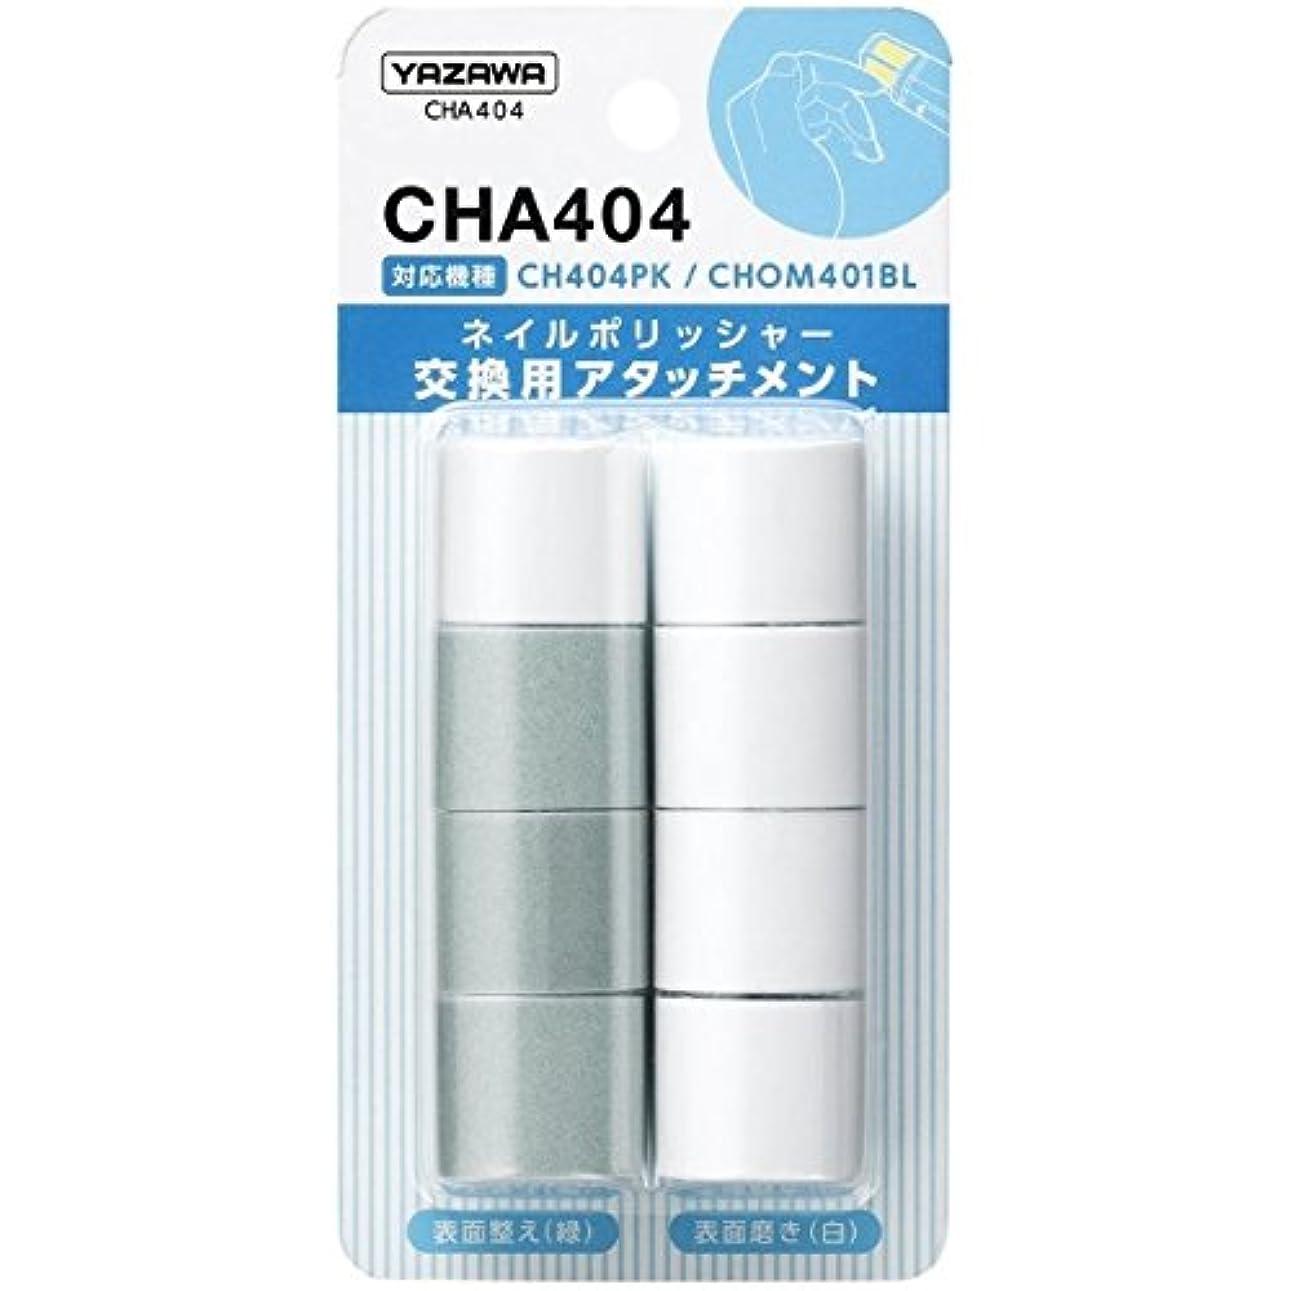 先行するセンサー出口YAZAWA(ヤザワコーポレーション) ネイルポリッシャー交換用アタッチメント CHA404